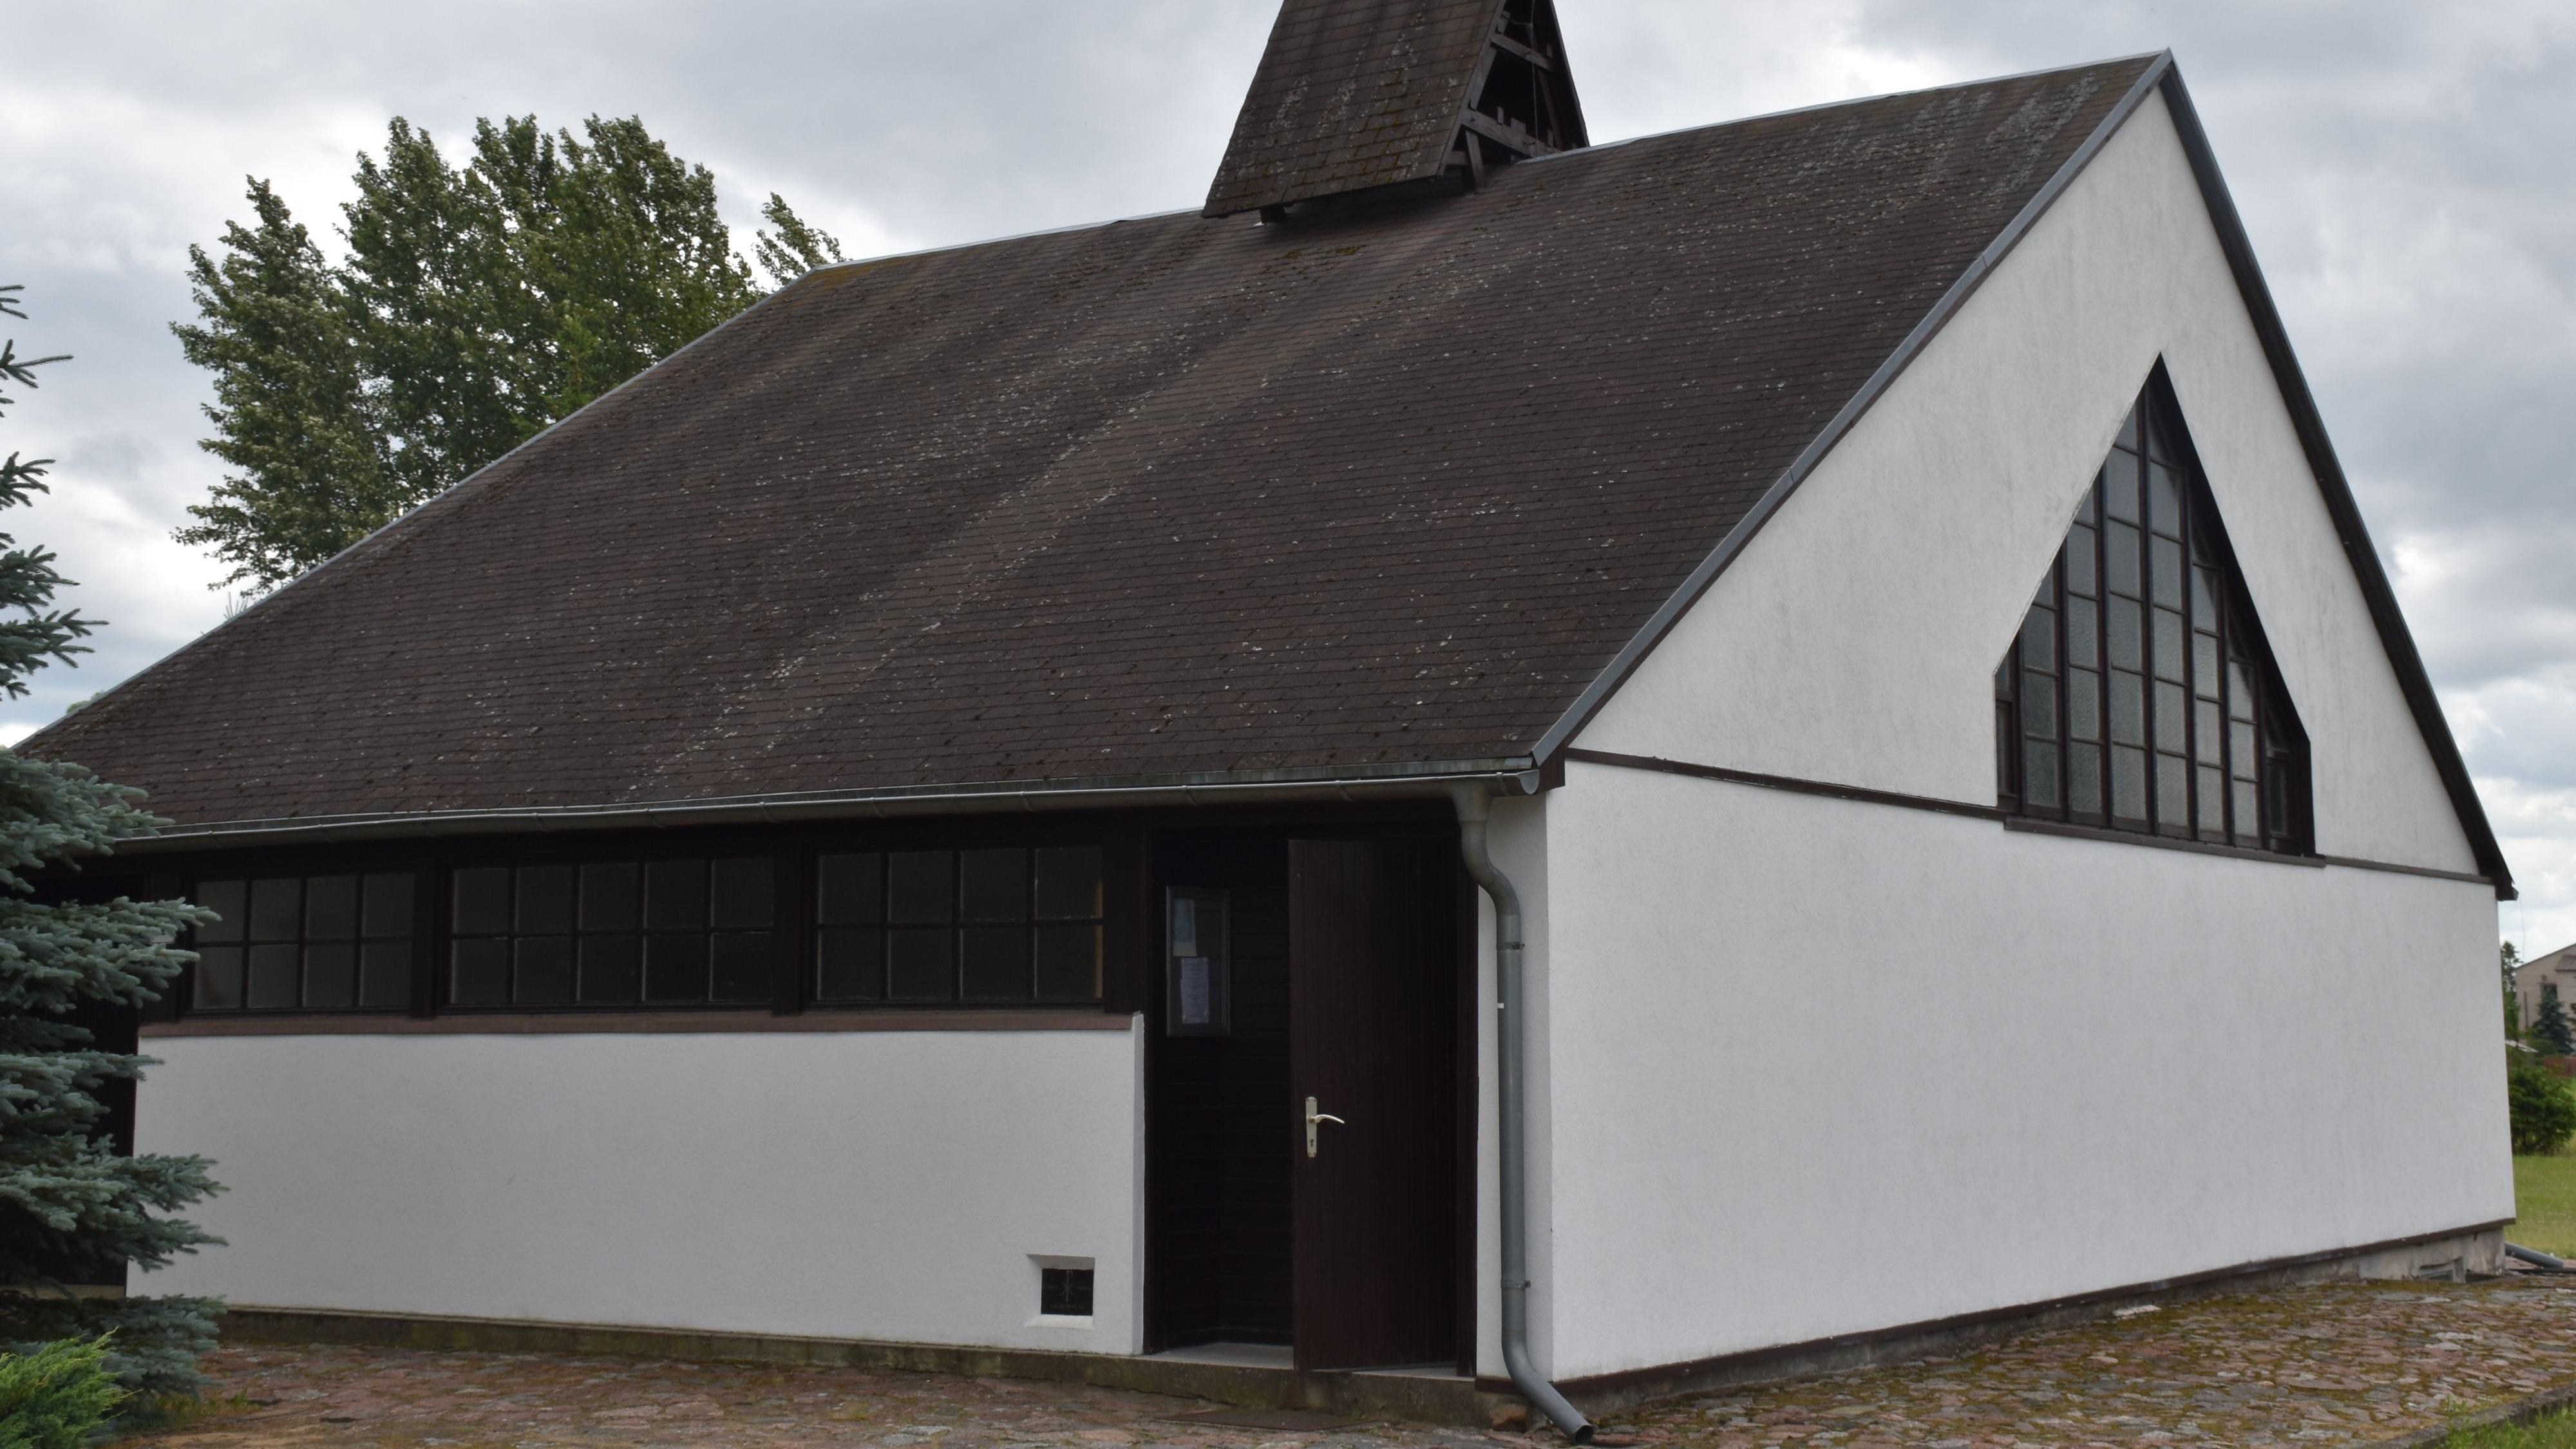 Bartningsche Notkirche: Die Kirche wurde nach dem Krieg mit Spenden errichtet und ausgestattet. Foto: Ferber